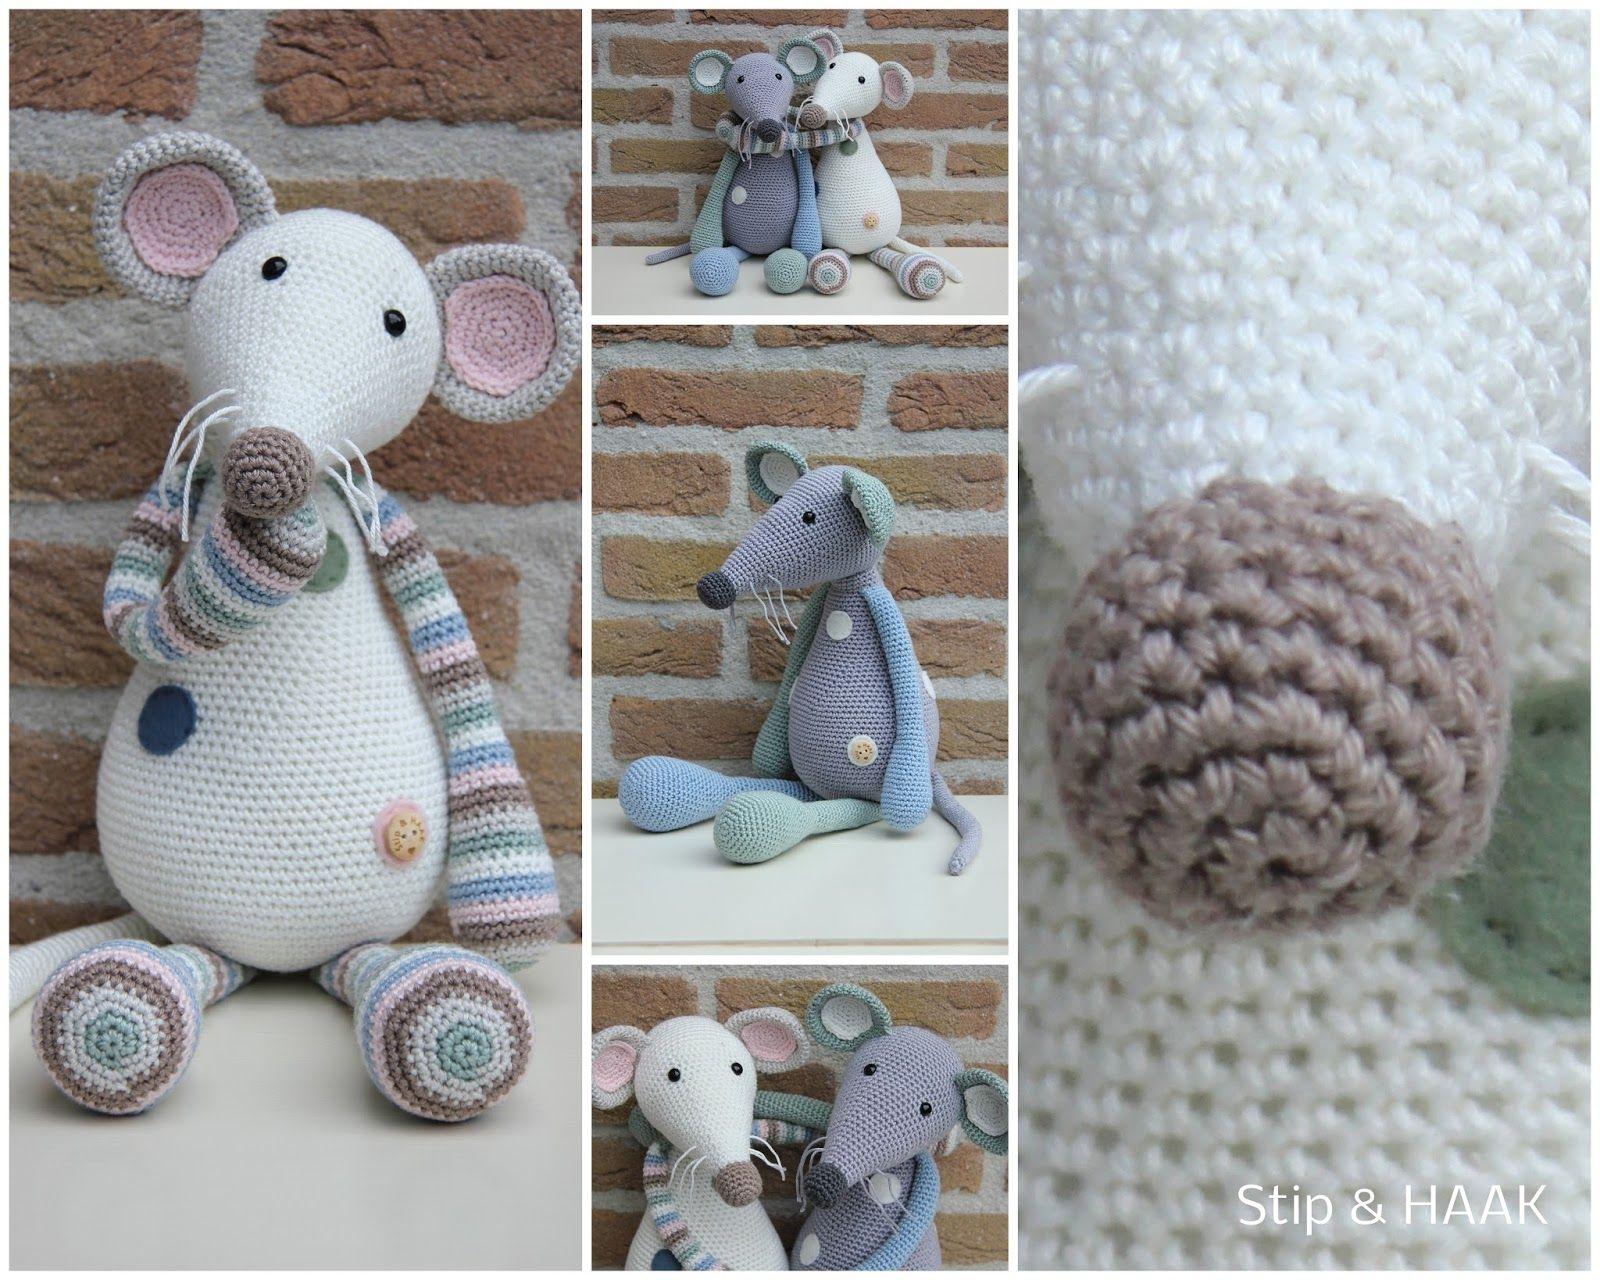 Stip & HAAK: Mijn patronen | crochet | Pinterest | Animales tejidos ...